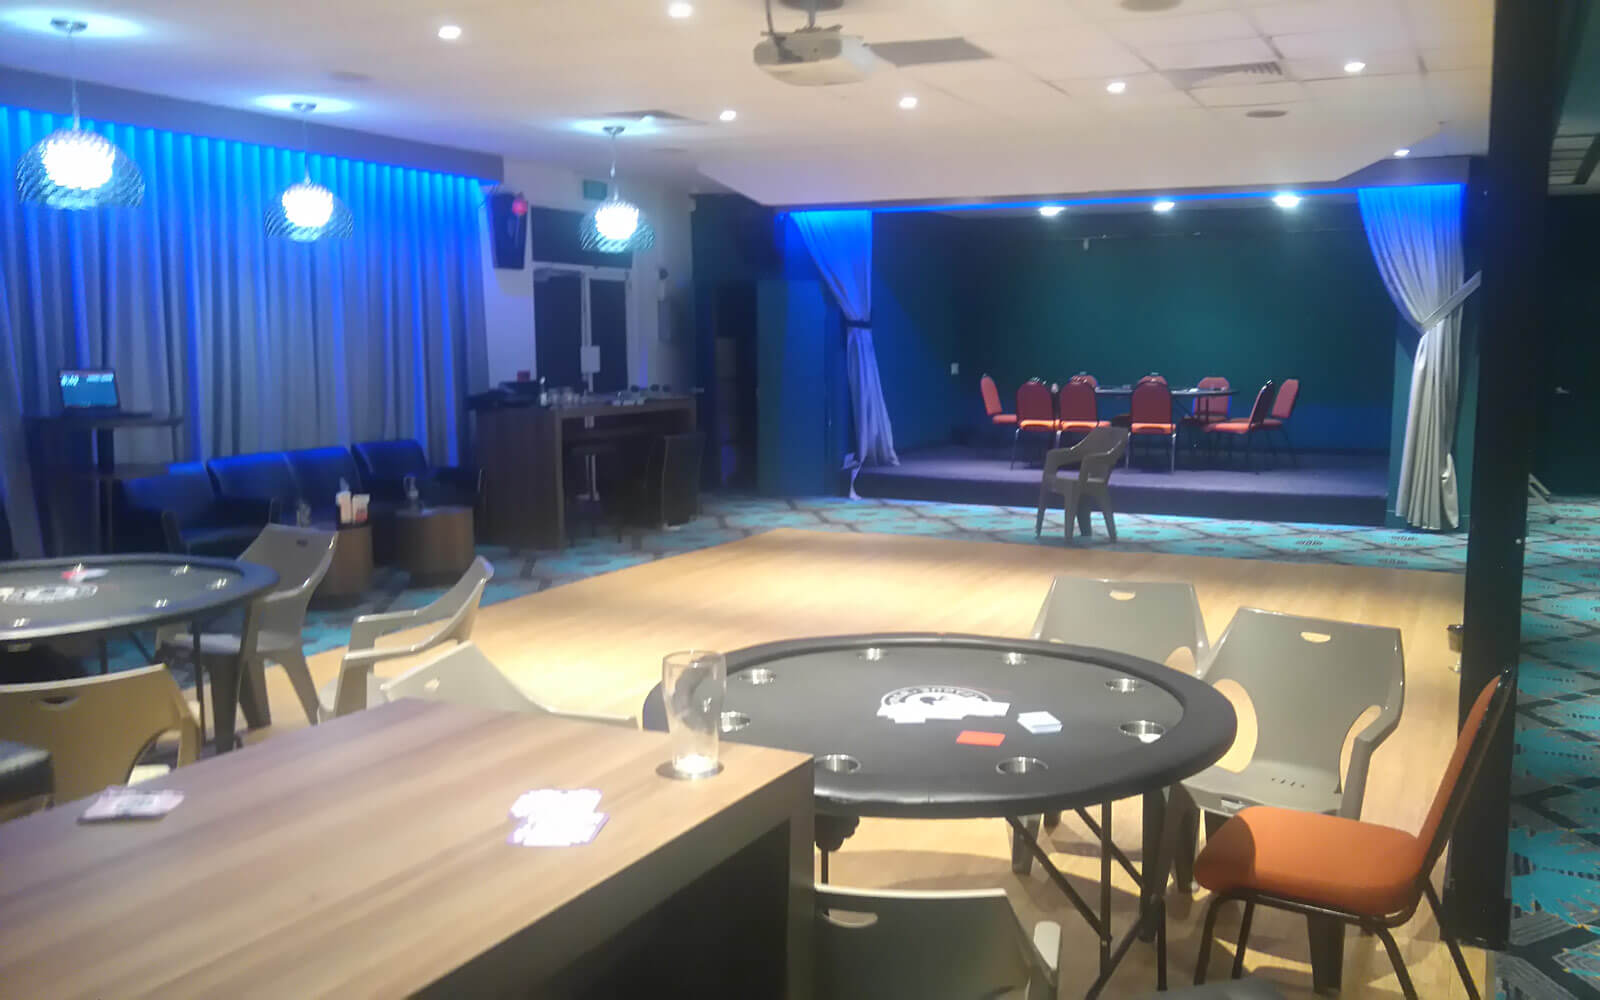 Kasino in Australien